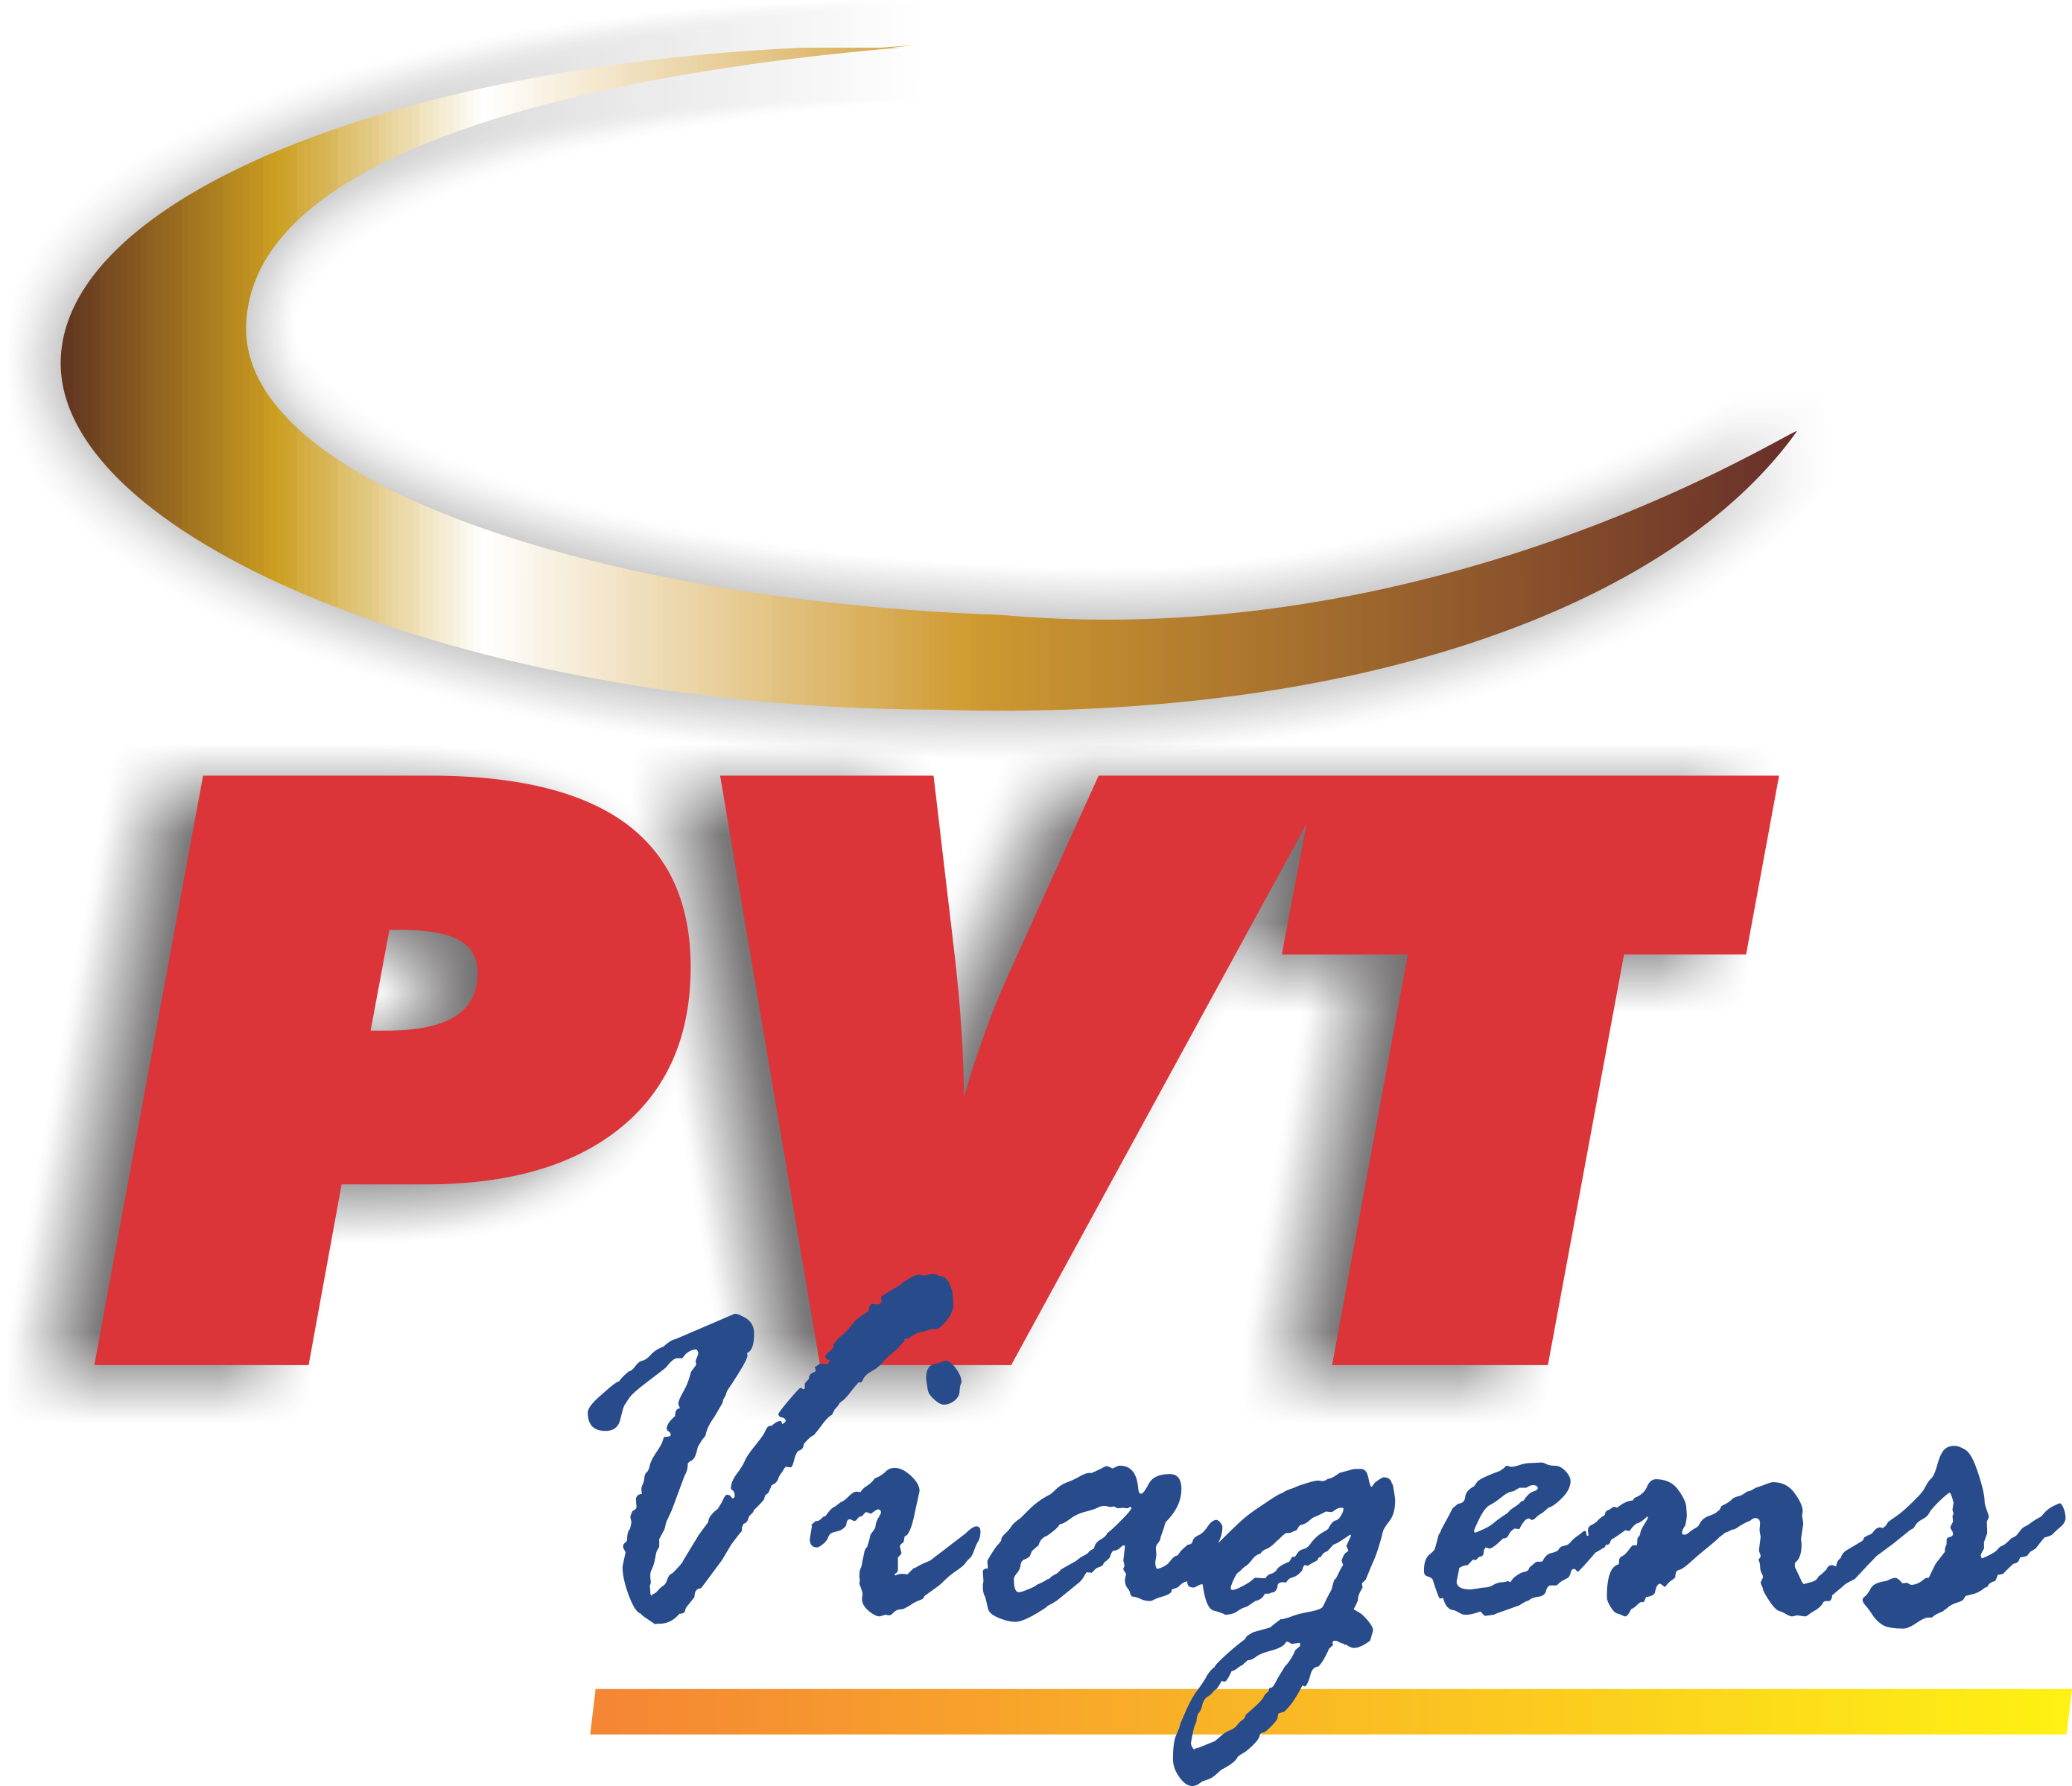 P.V.T. AGENCIA DE VIAGENS E TURISMO